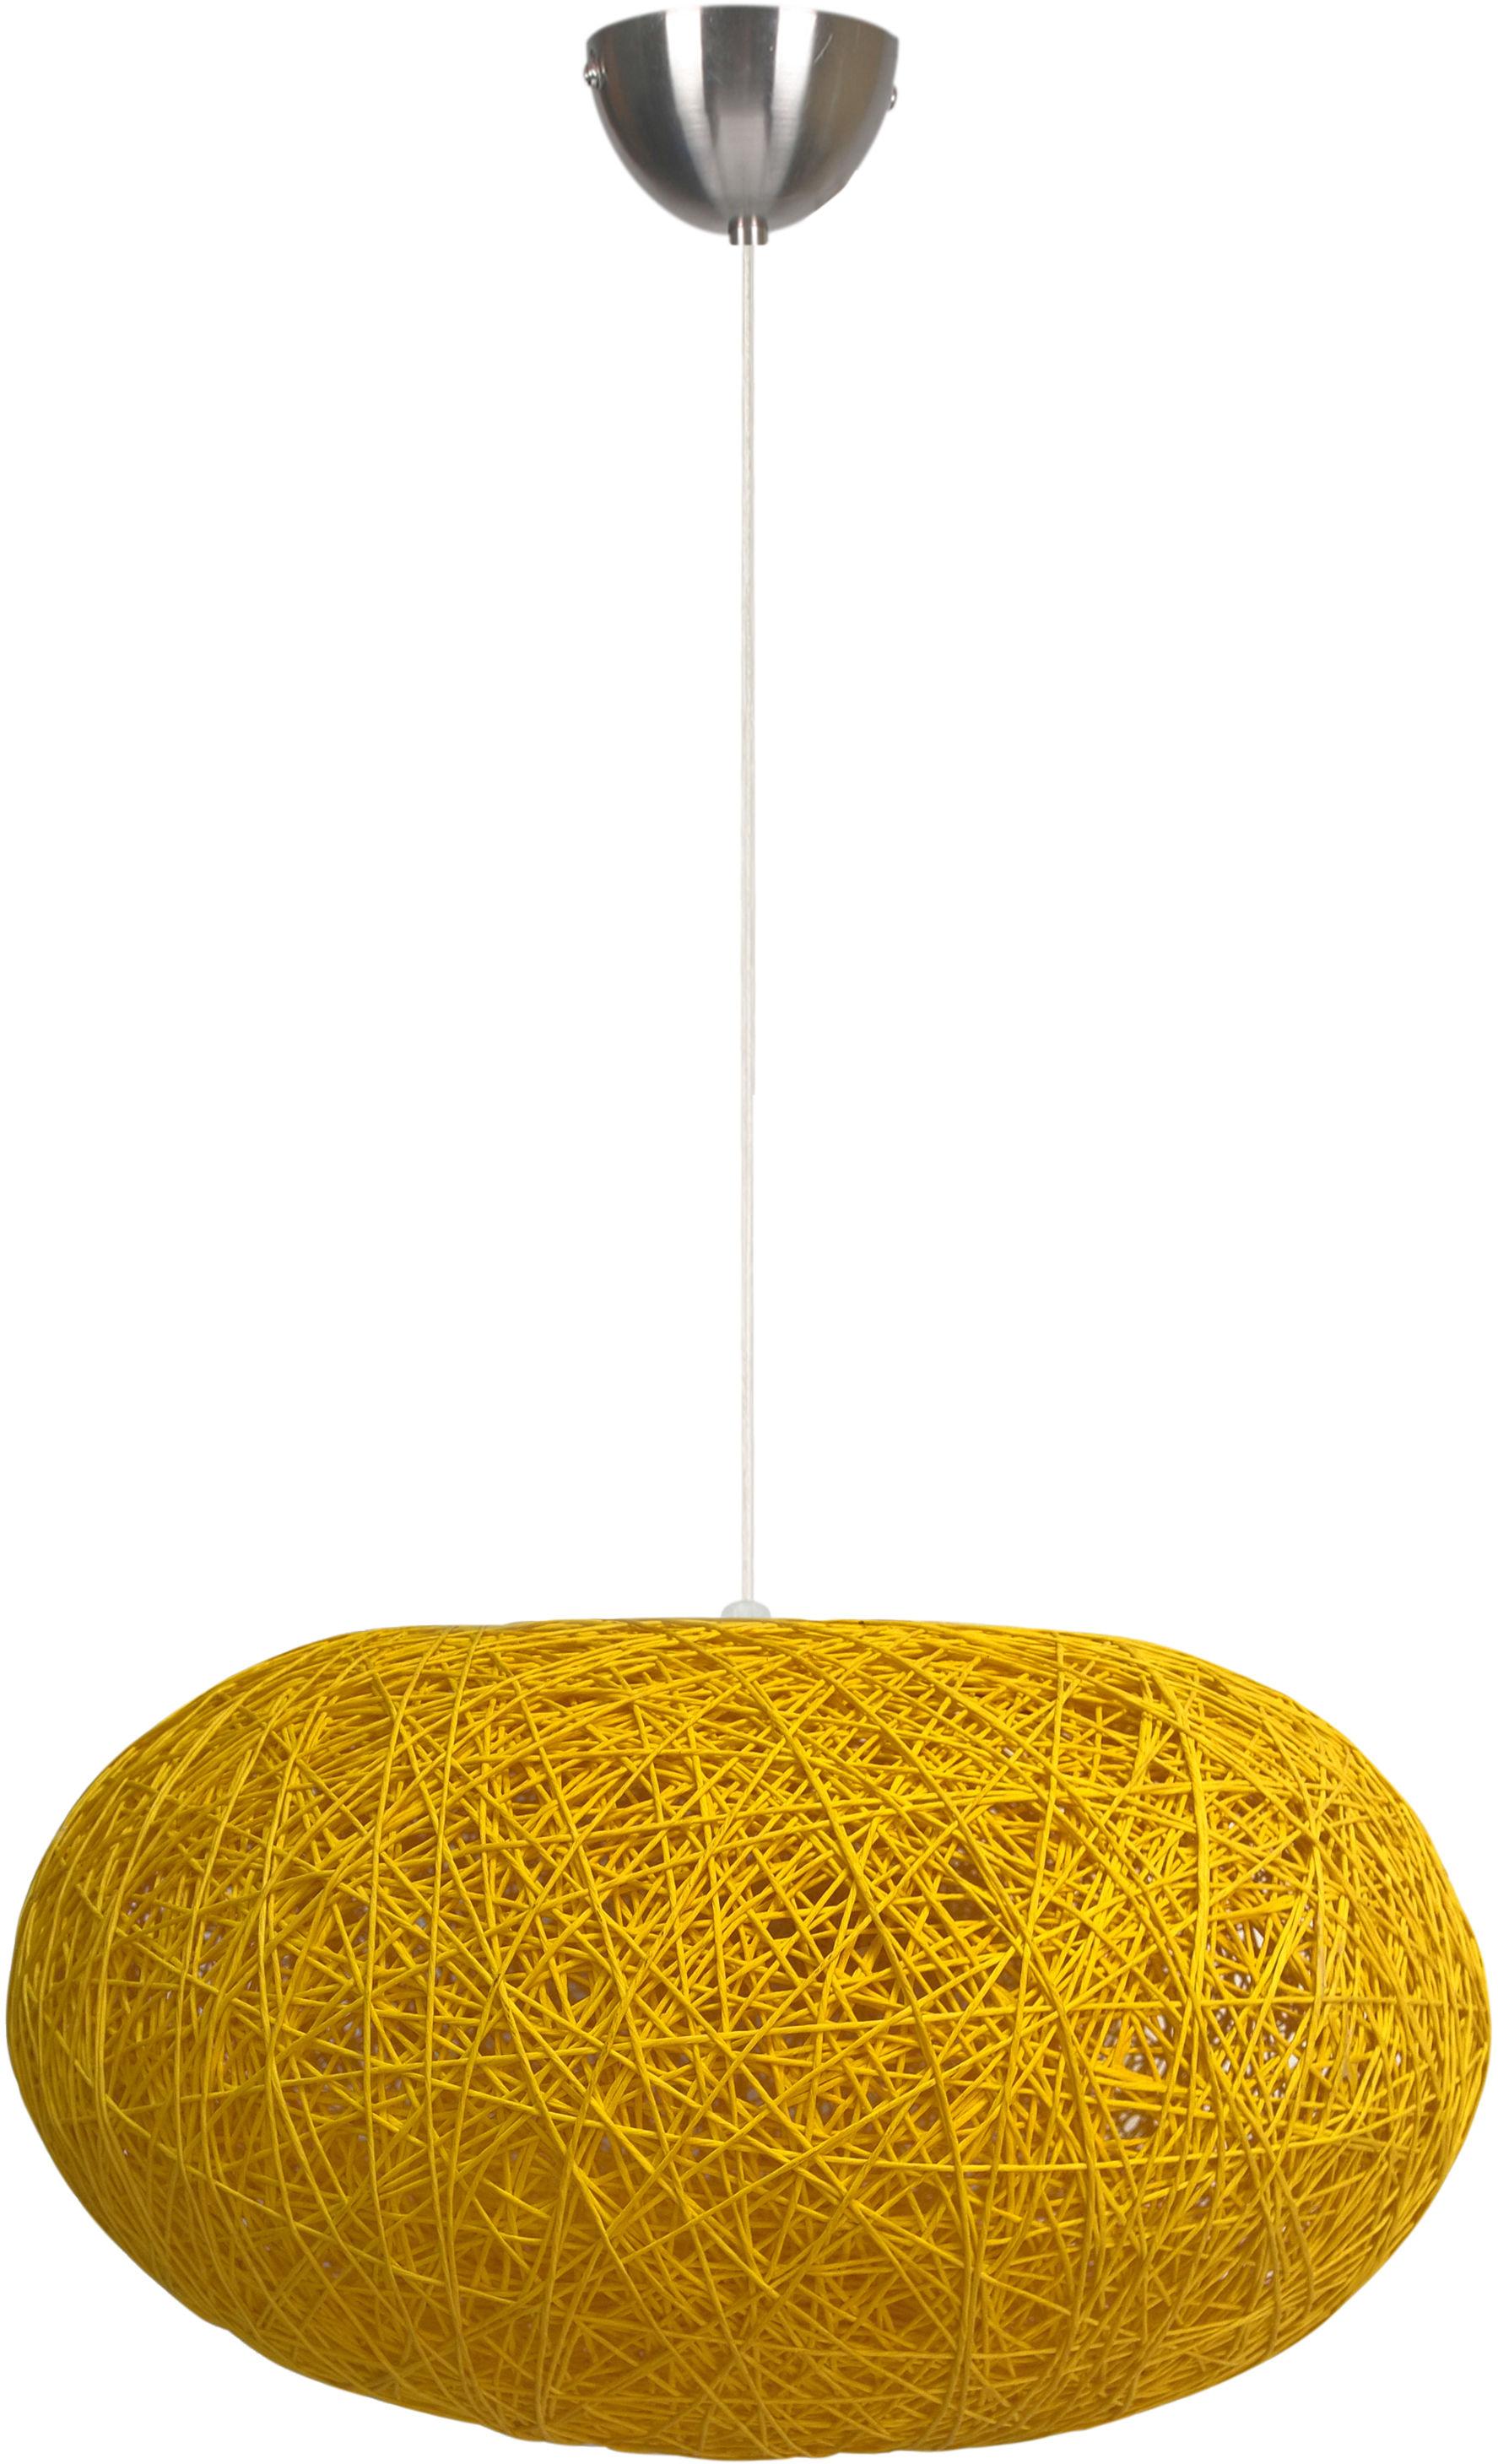 Candellux LIVIO 31-51158 lampa wisząca owalny abażur kremowy sznurek 1X60W E27 38 cm